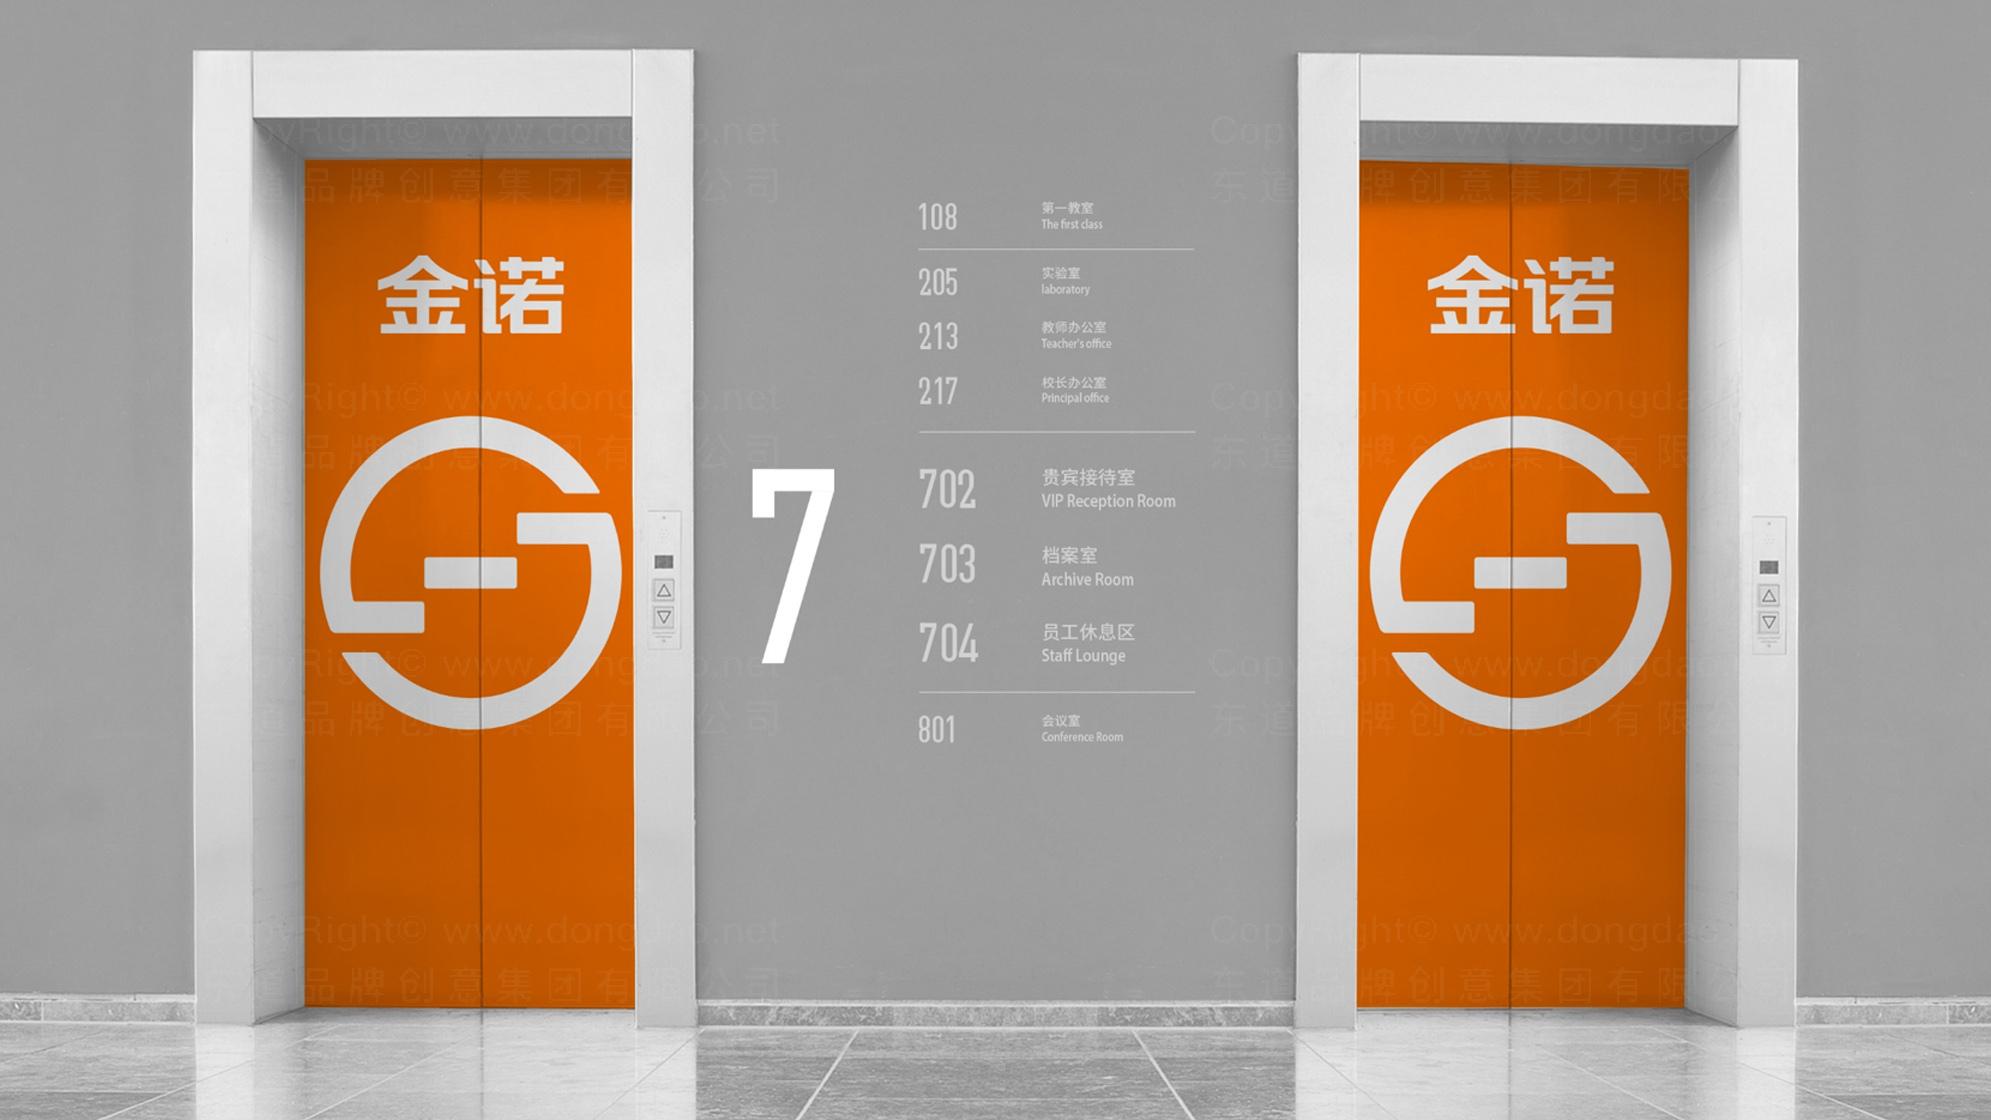 品牌设计金诺标志设计应用场景_6